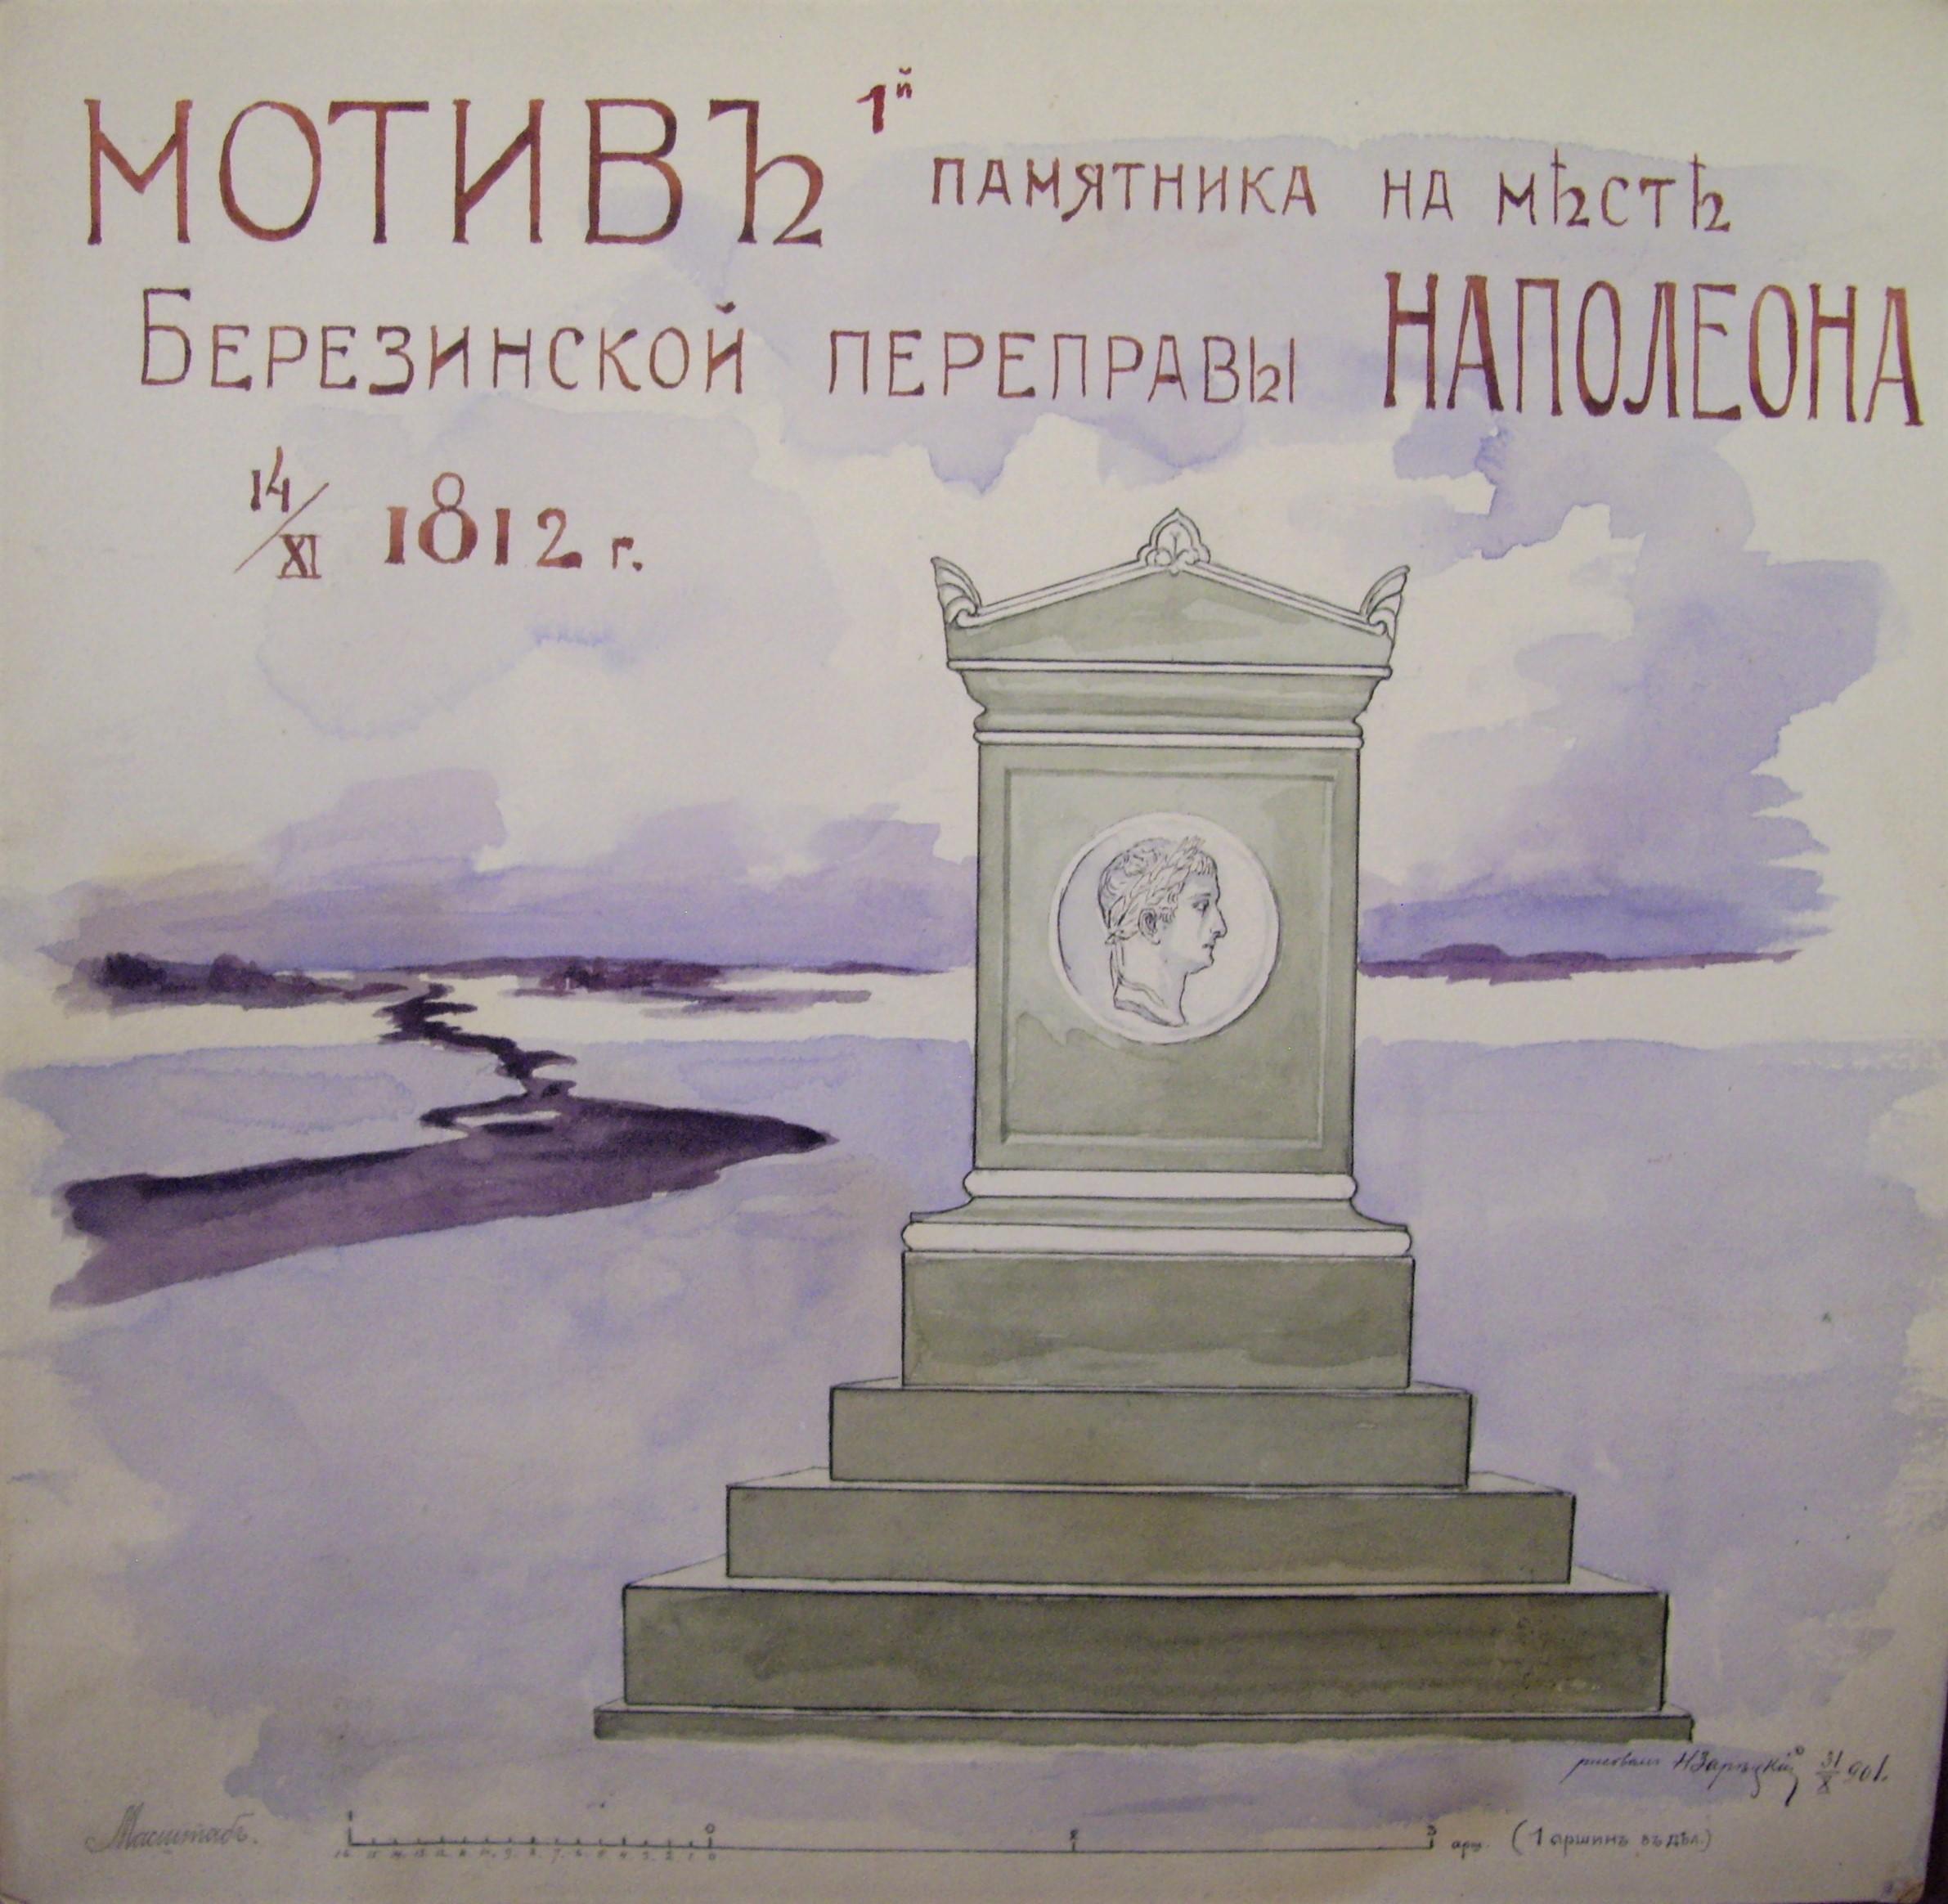 Первый эскиз памятника. 30 октября 1901 г. Бумага, акварель